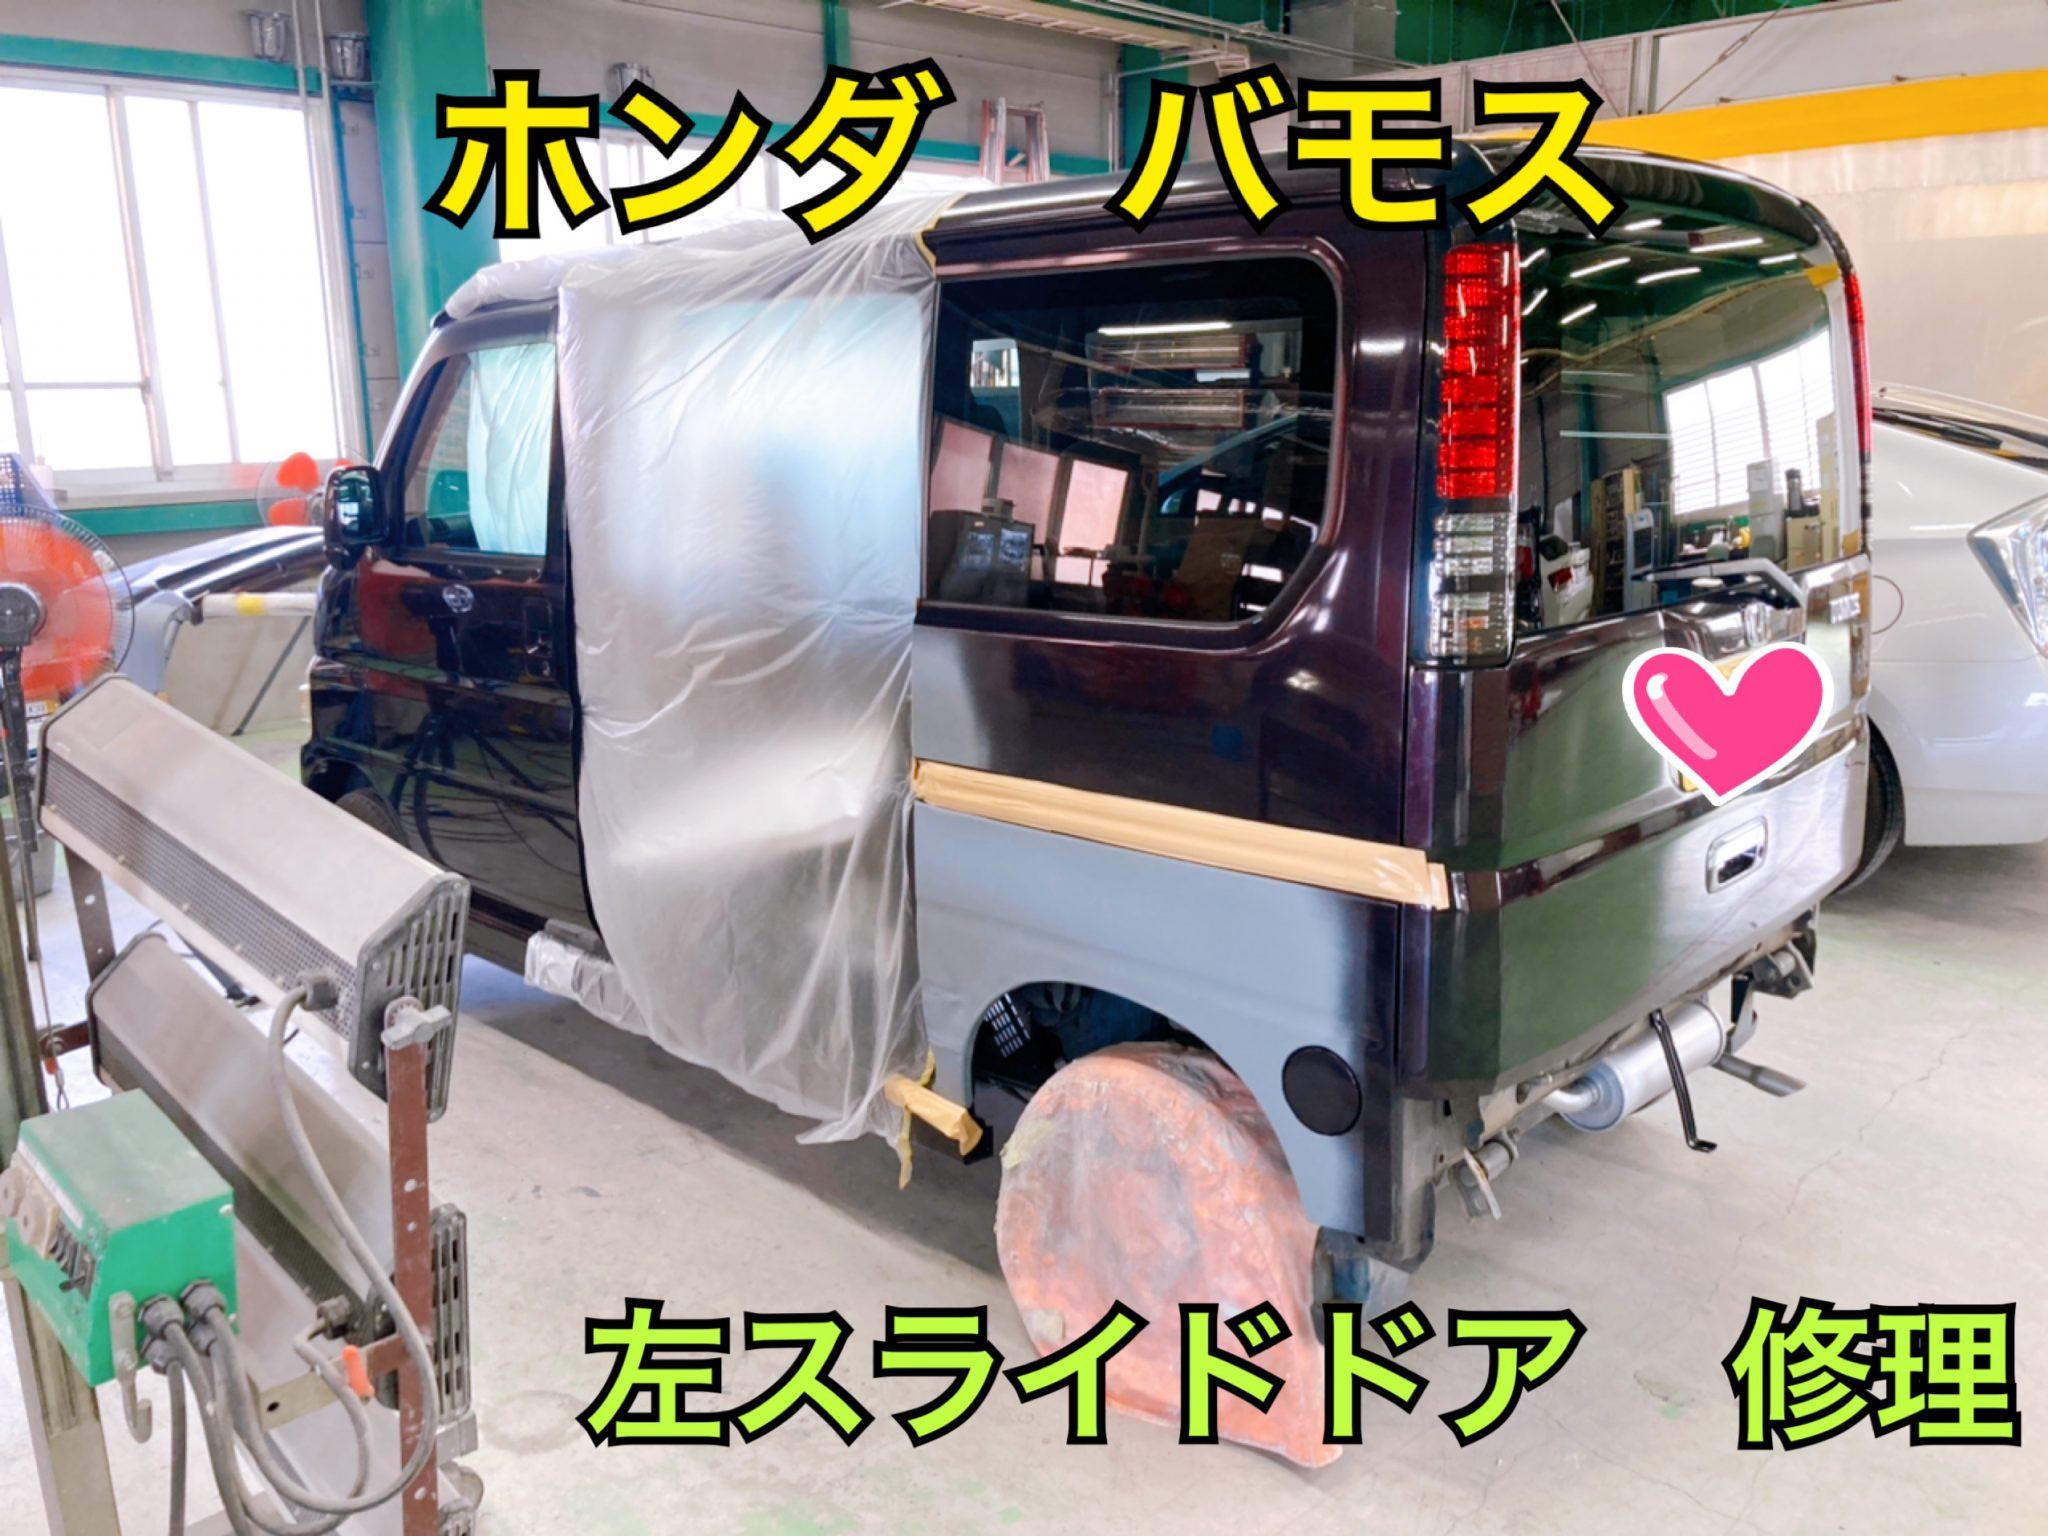 岡山でバモスのドア修理をするならコバックにお任せ下さい!!